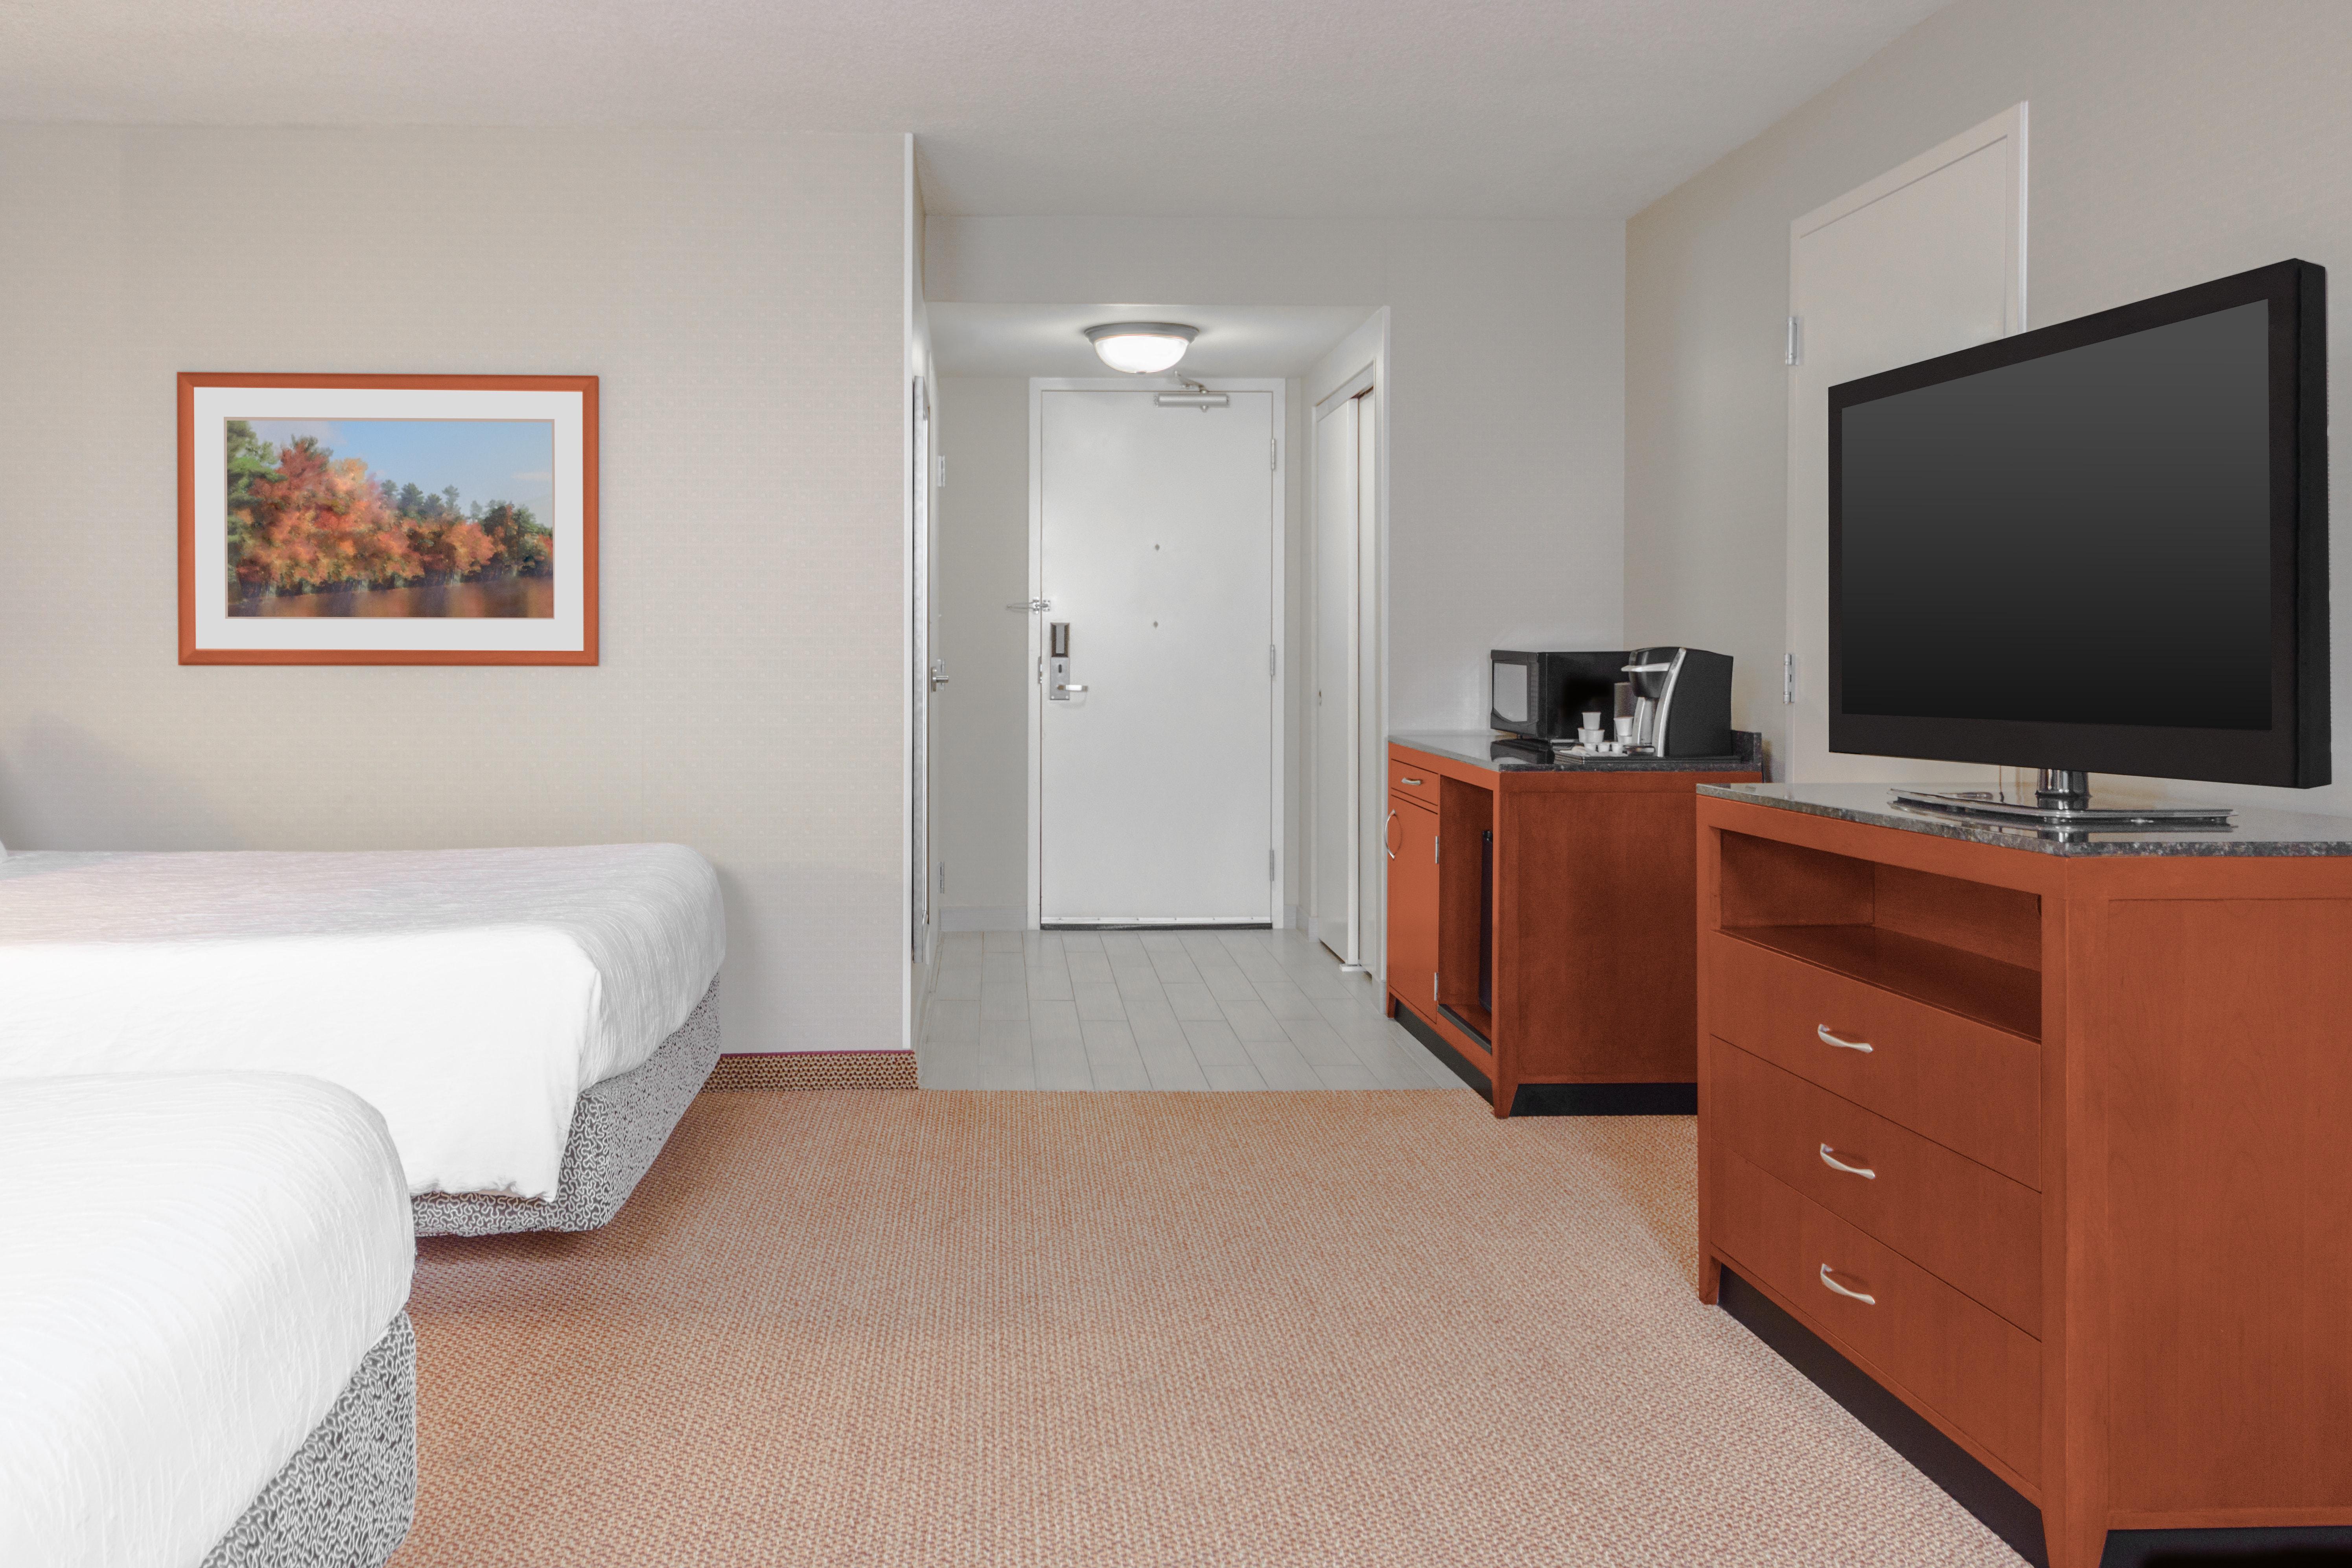 https://www.hotelsbyday.com/_data/default-hotel_image/3/16032/dsc-6761-hdra.jpg